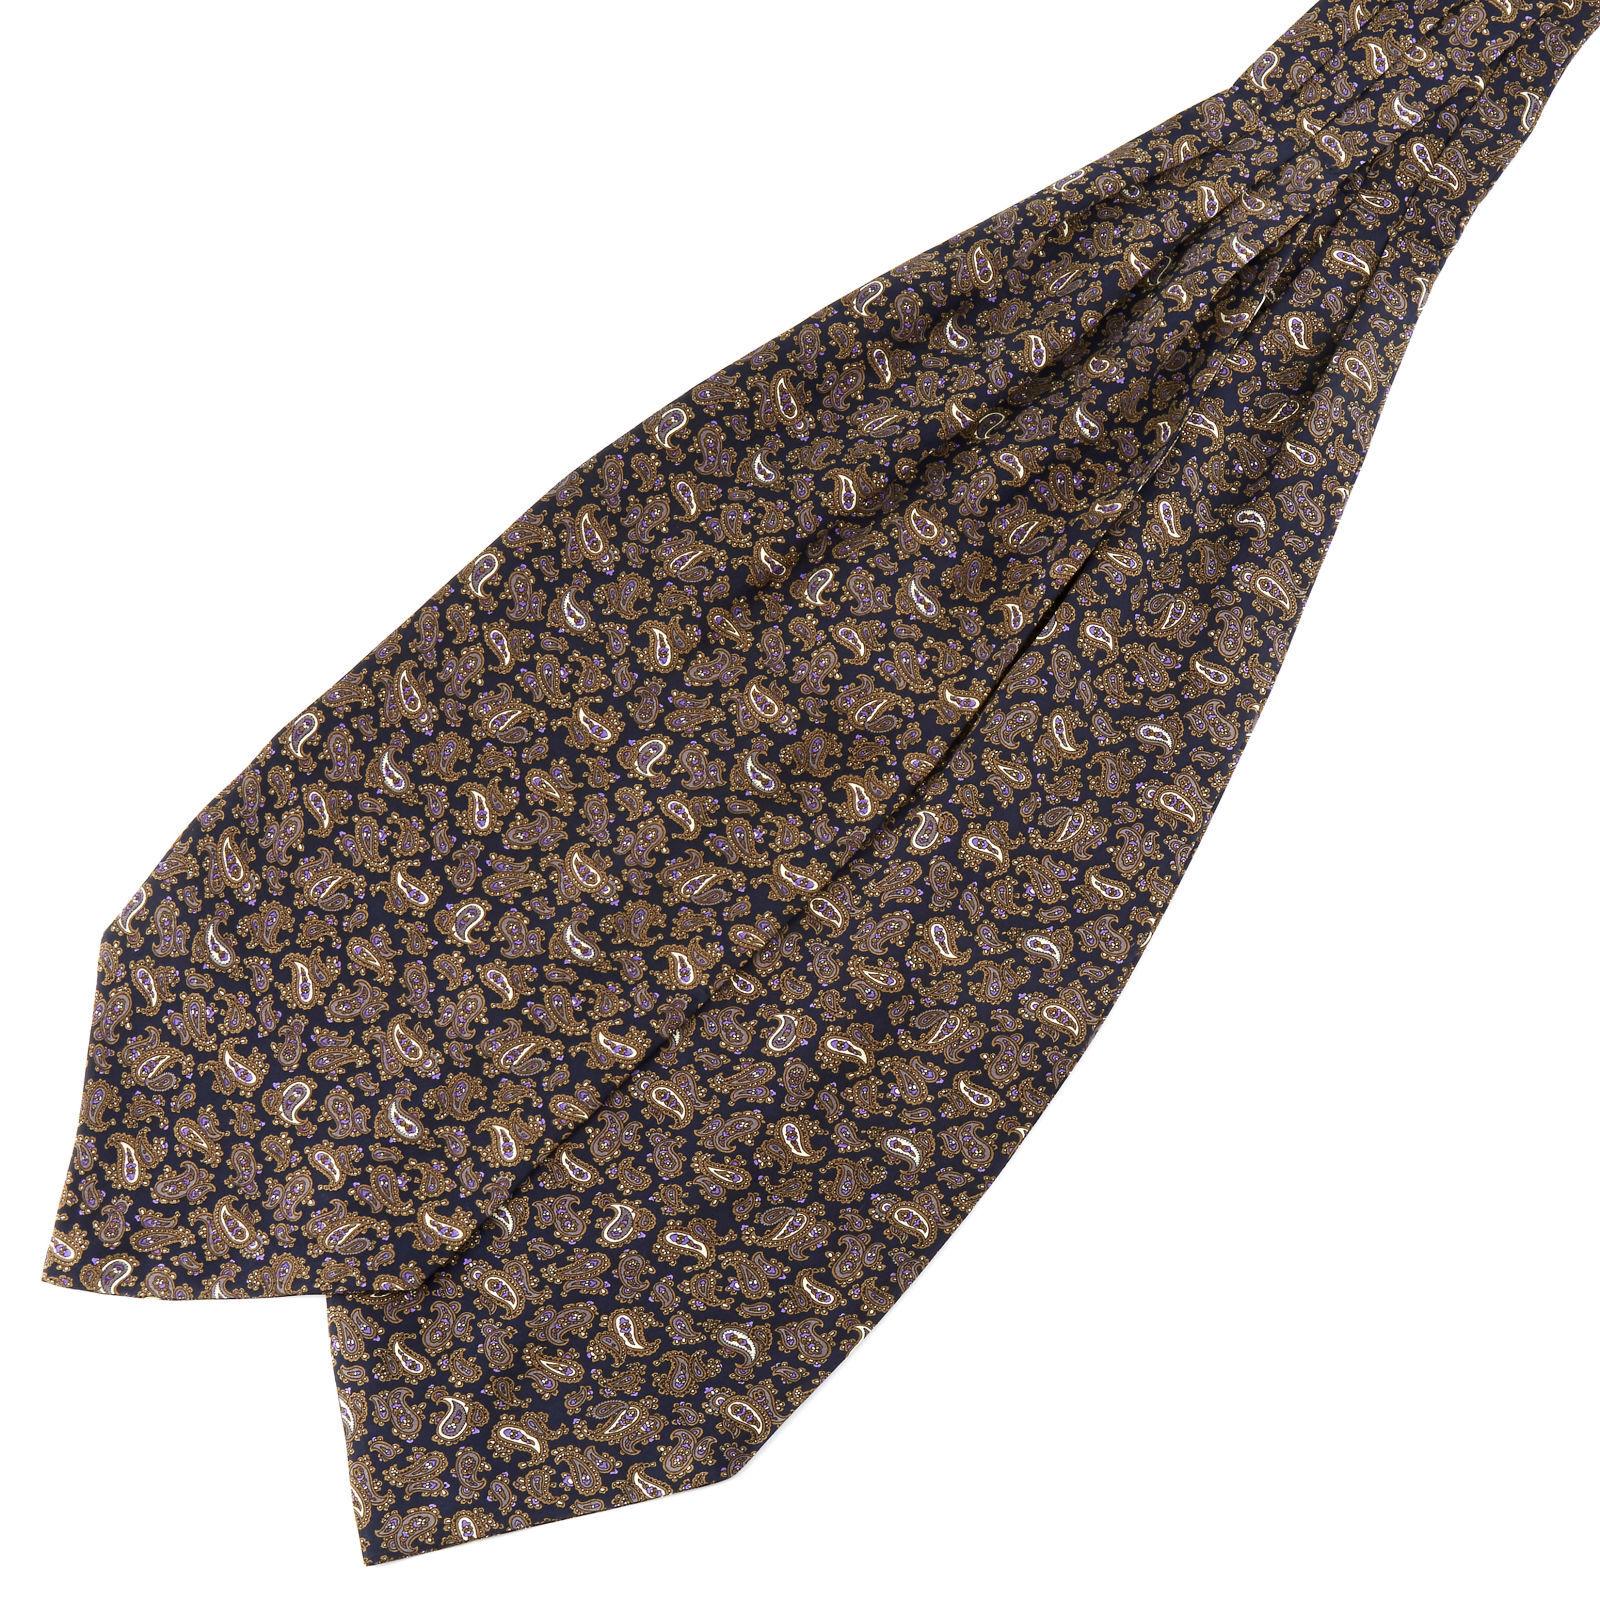 Tailor Toki Ruskea & violetti kasmirkuvioinen silkki ascot-solmio